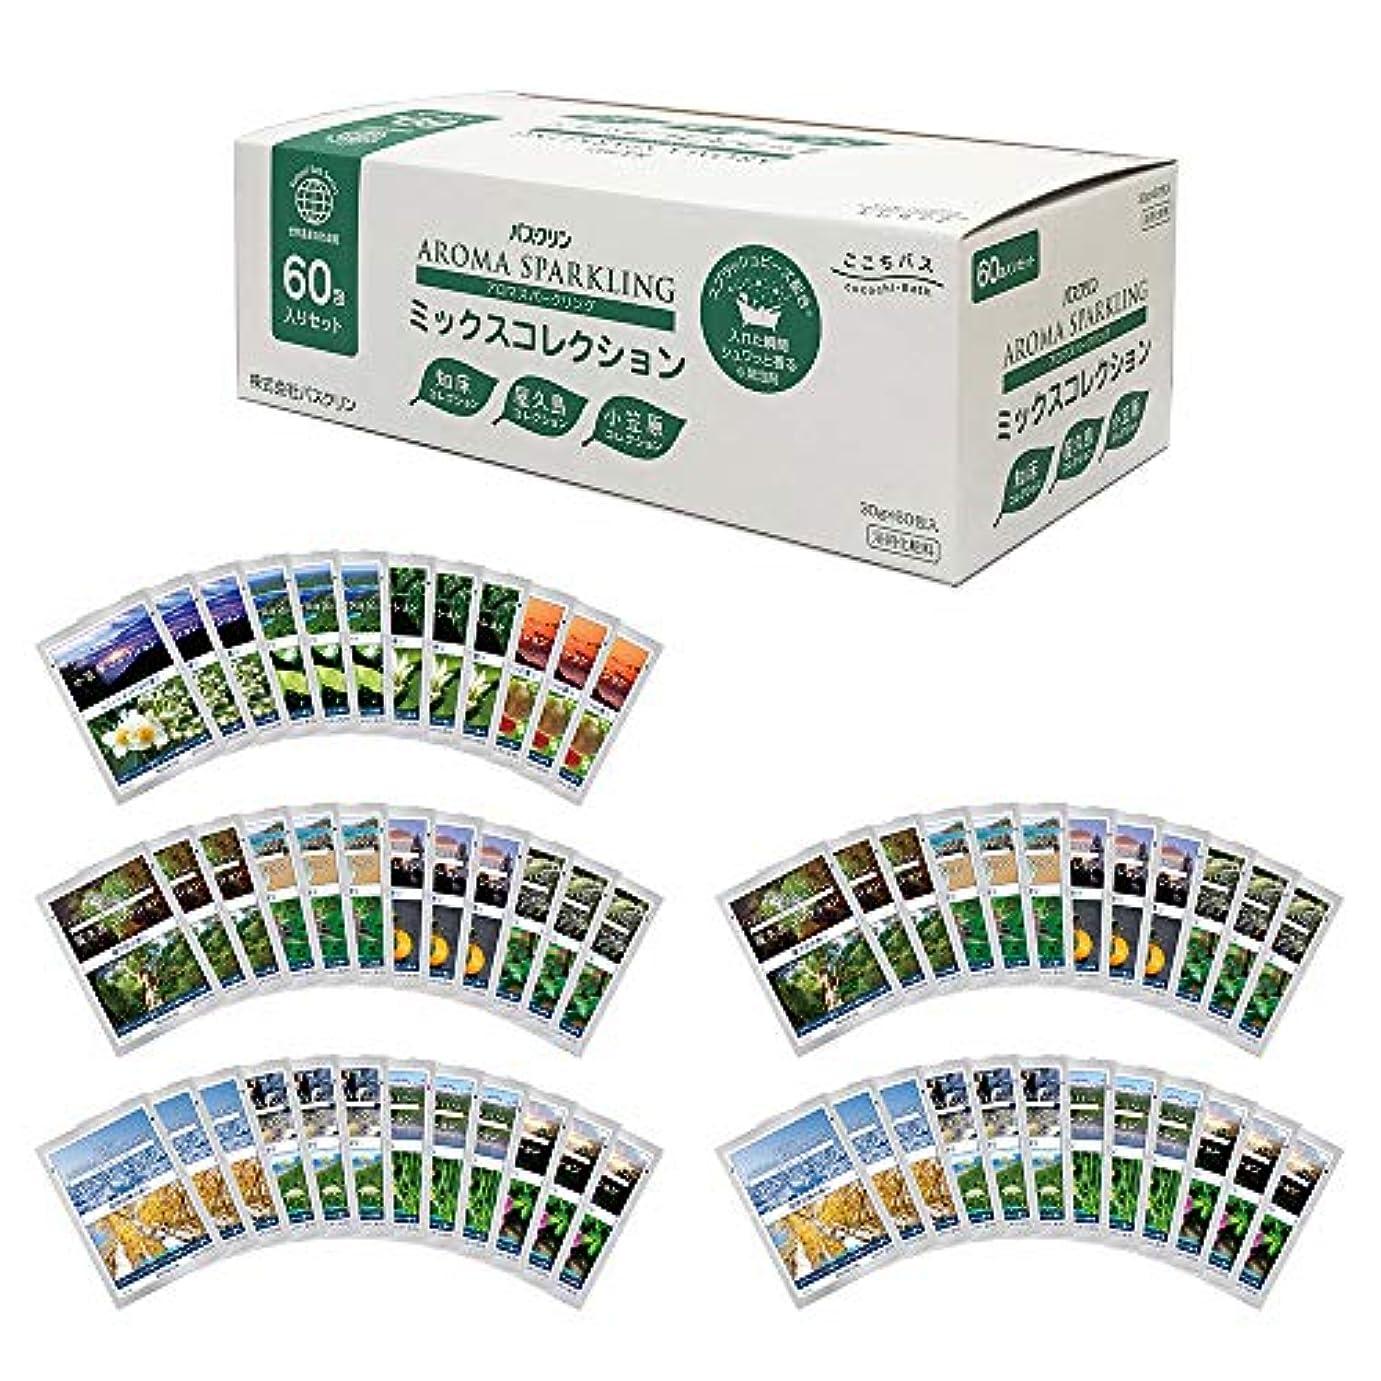 後退するジュニア歴史的【Amazon限定ブランド】ここちバス バスクリン 入浴剤  アロマスパークリング ミックスコレクション 60包入り 個包装 詰め合わせ